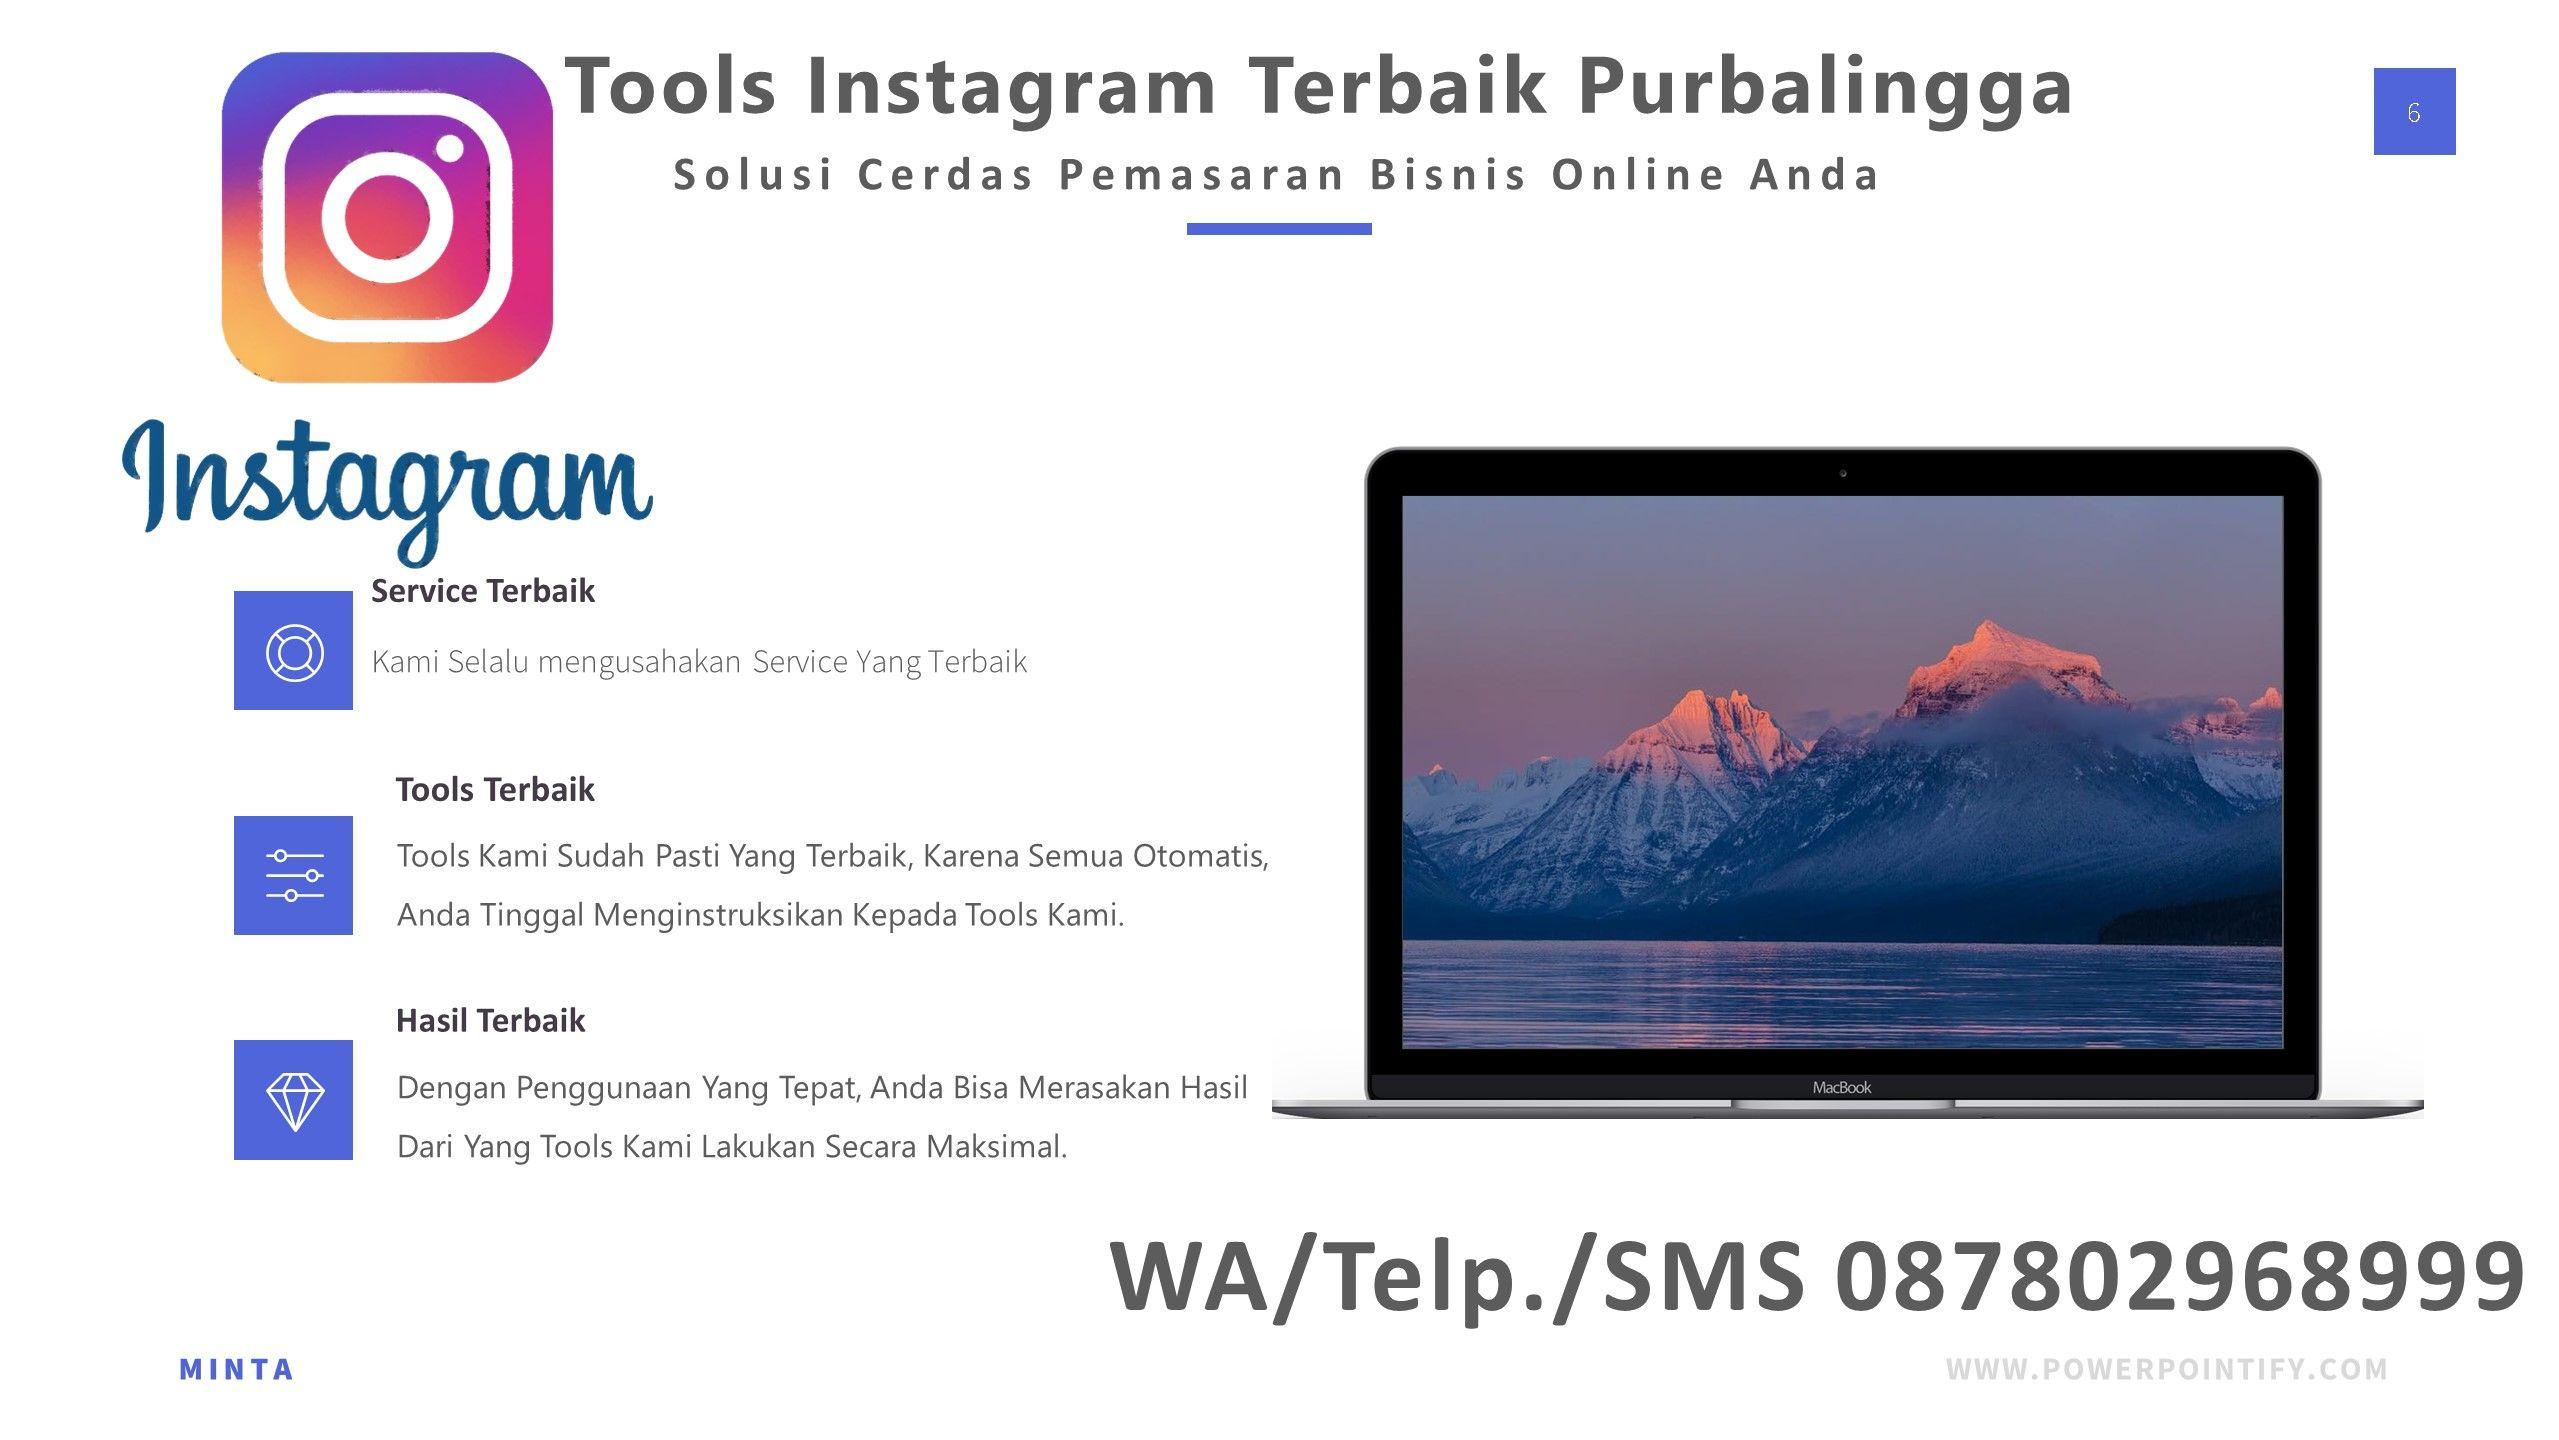 Terbaik Tools Instagram Terbaik Purbalingga Wa Telp Sms 087802968999 Instagram Tahu Pemasaran Bisnis